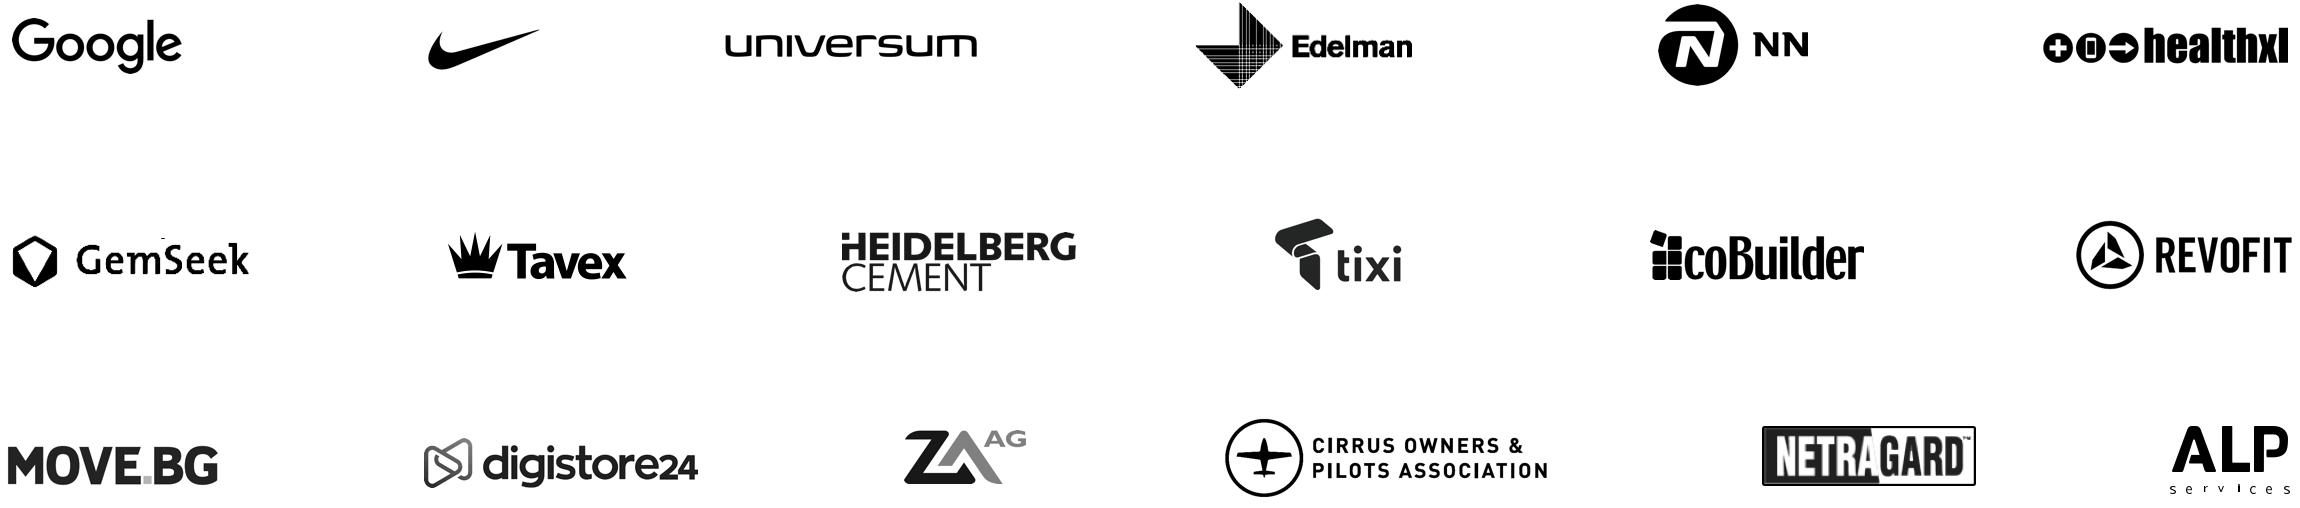 kickflip-partners